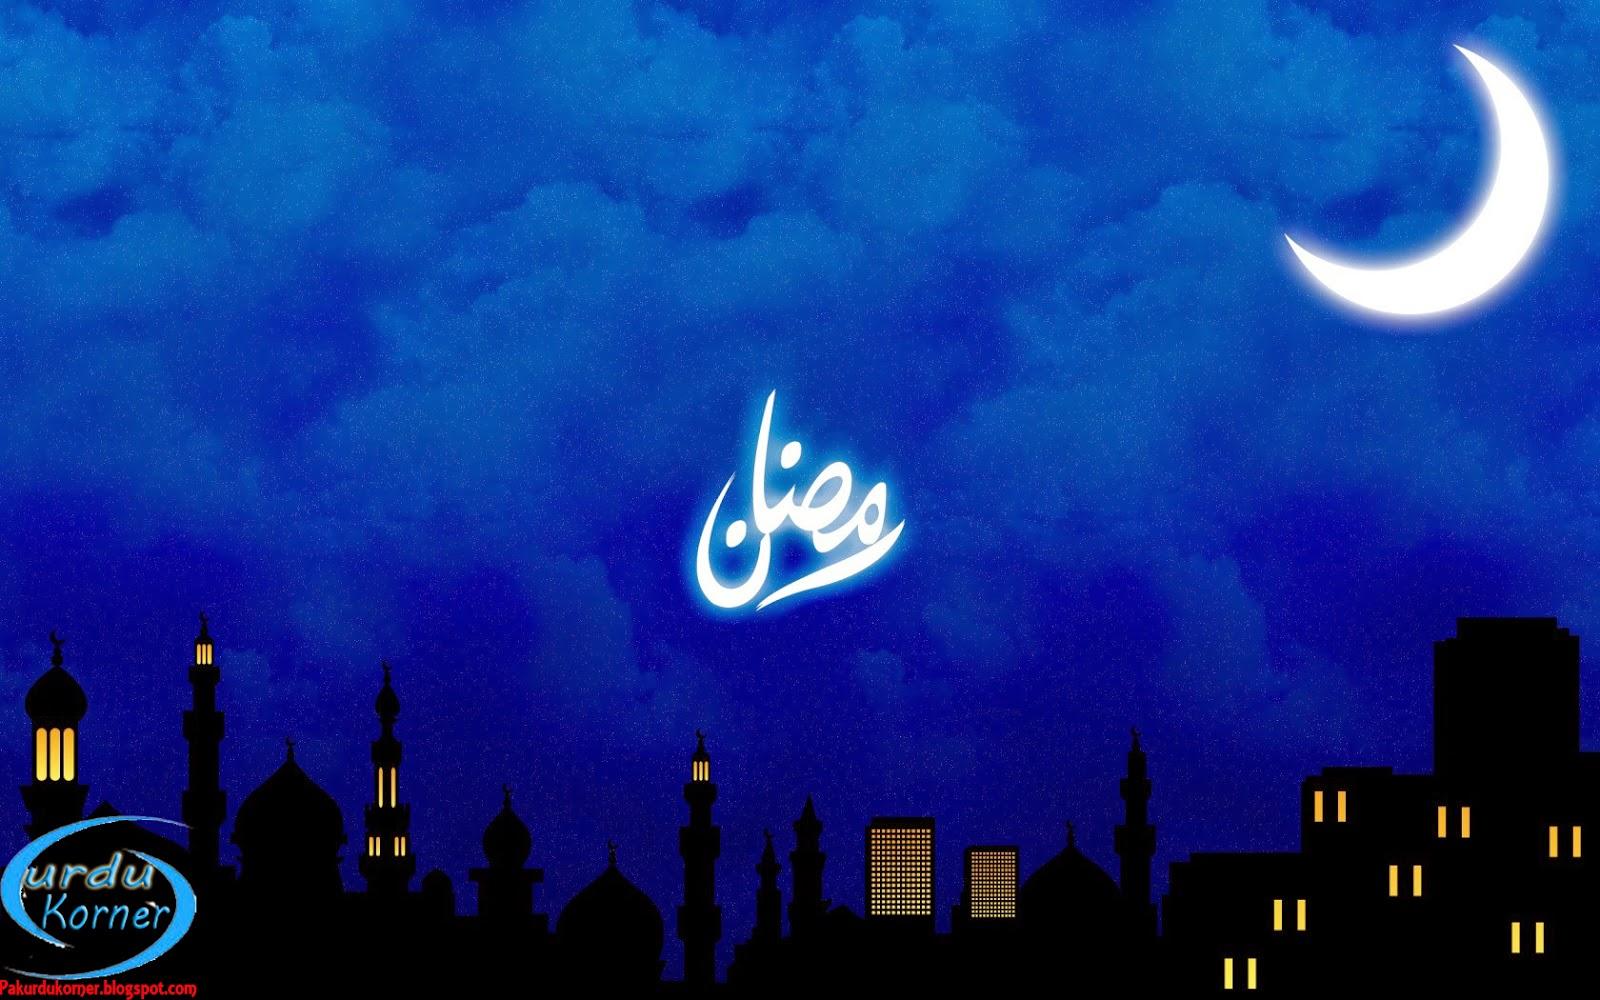 Ramadan Mubarak Wallpaper In Urdu Ramadan Mubarak Hd Wal...